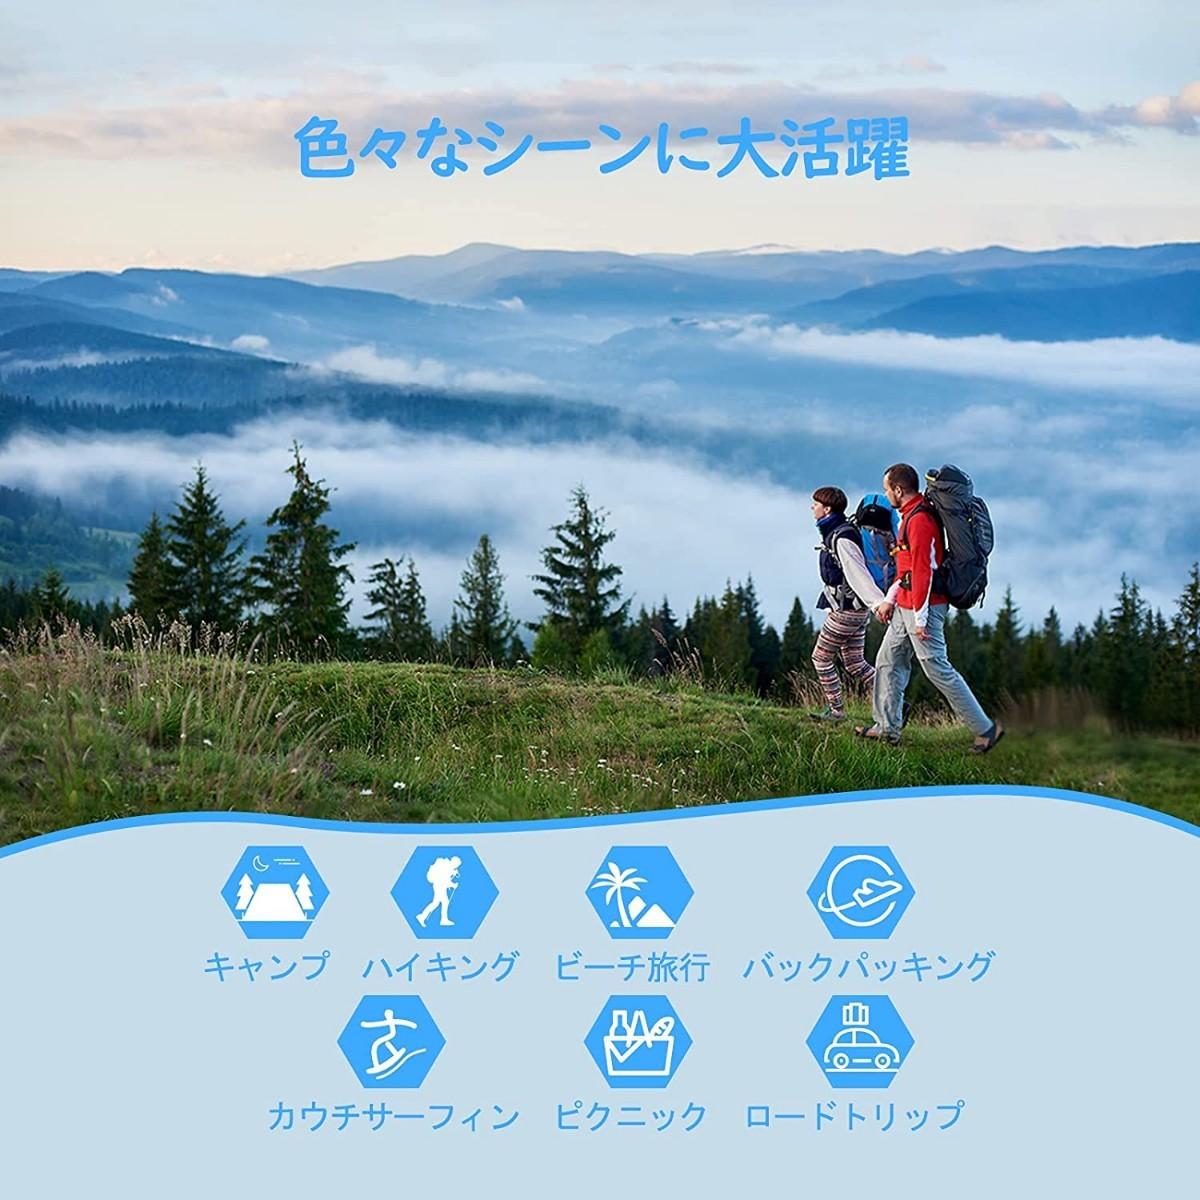 エアーマット キャンプマット 最新版 超軽量 アウトドアマット キャンピングマット 収納袋 テントマット